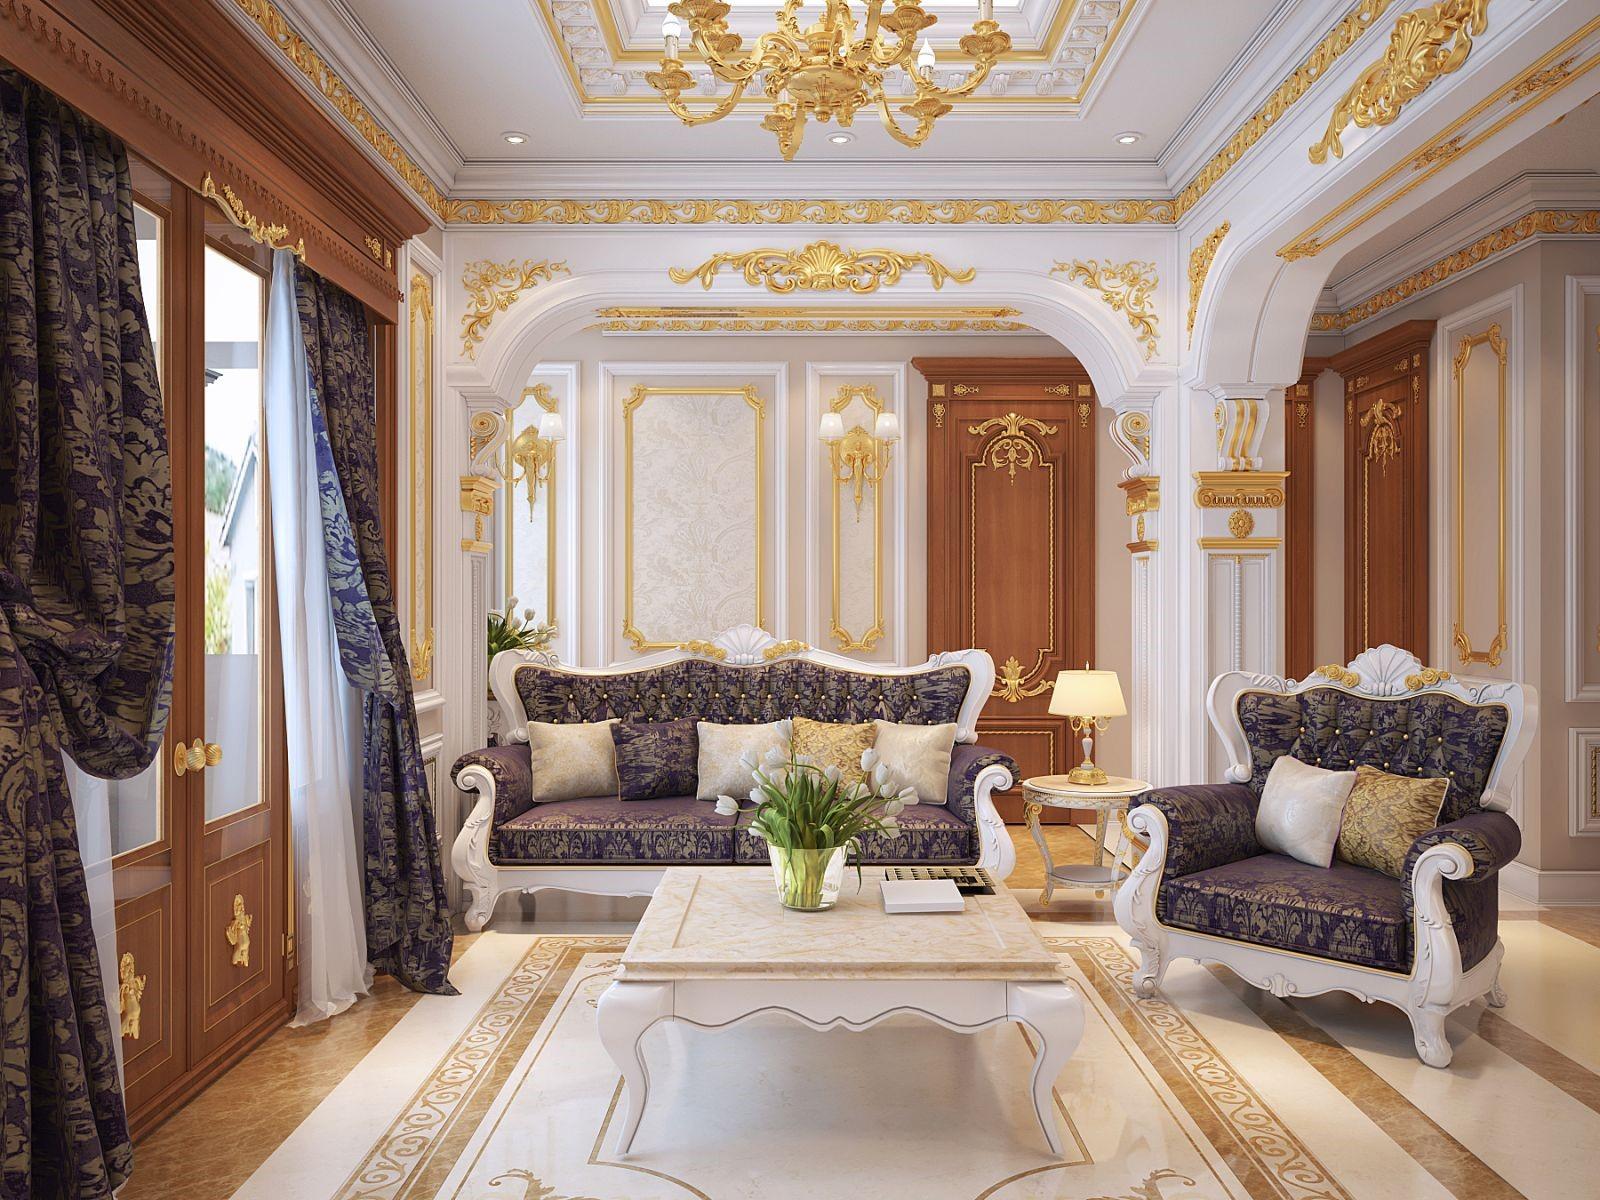 Nội thất trong thiết kế biệt thự Pháp